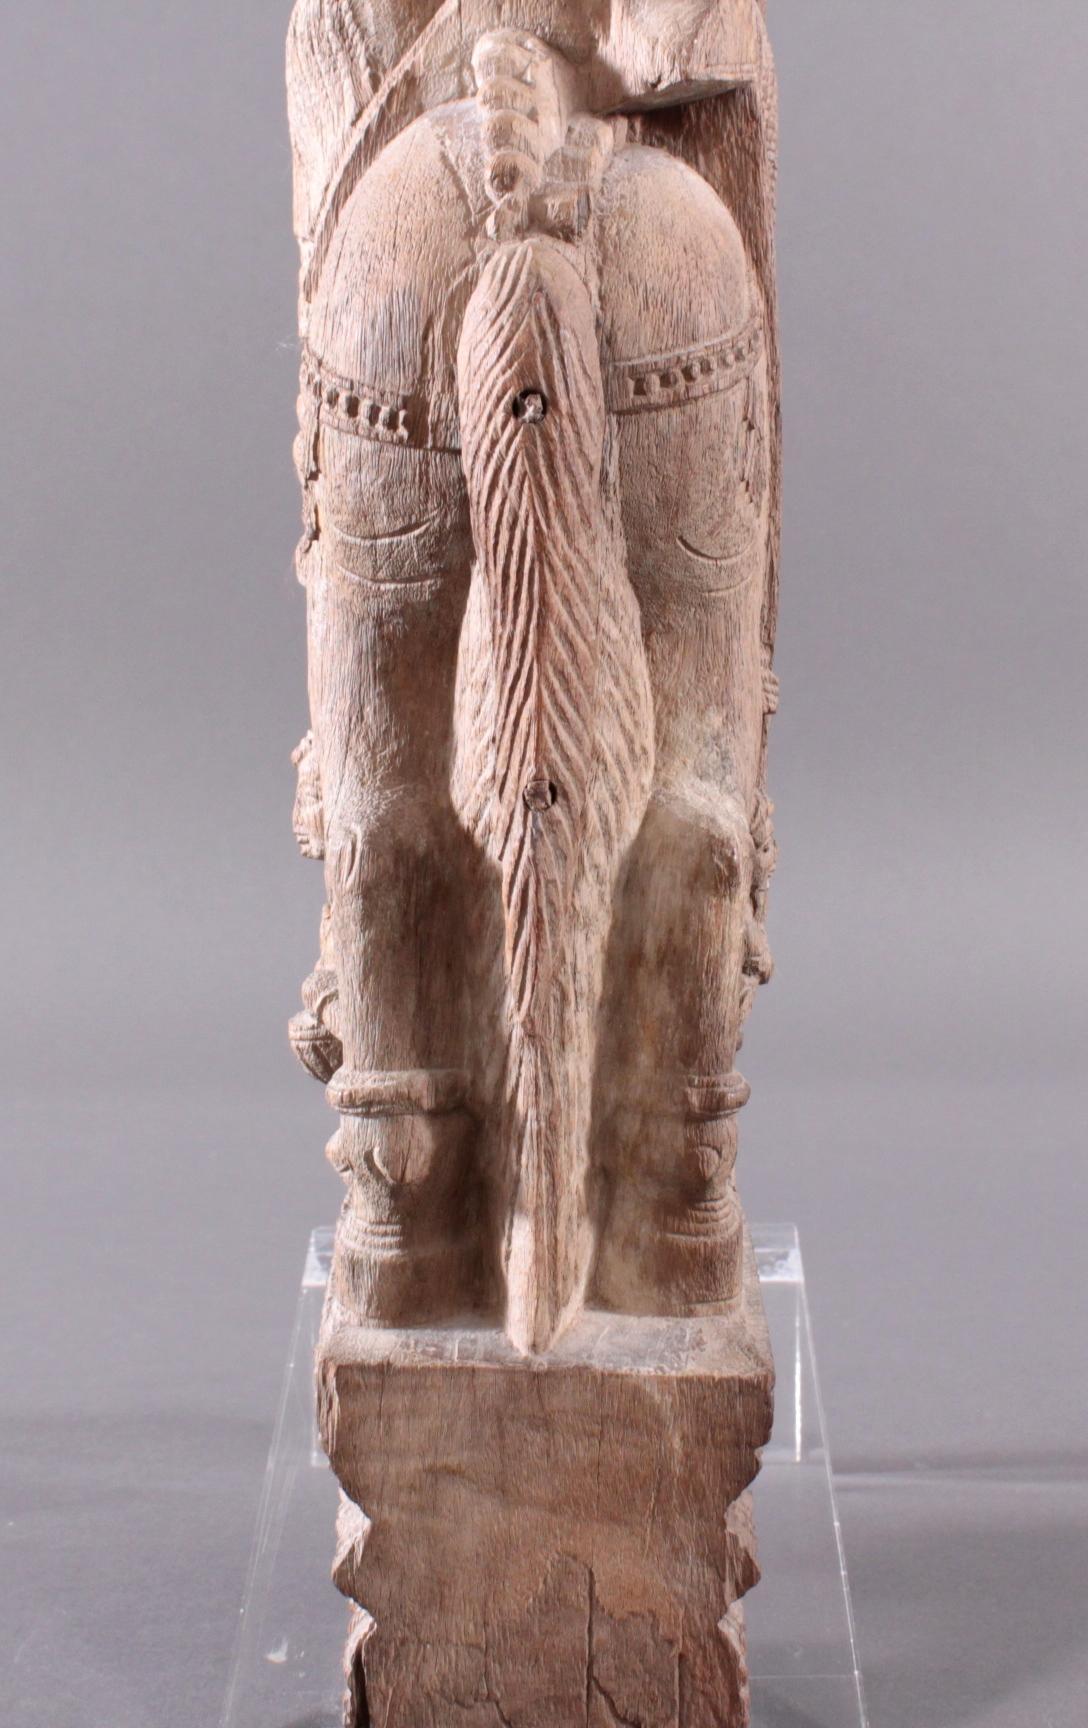 Holzplastik eines Reiters auf einem Pferd, Indien wohl Orissa 15./16. Jh.-12